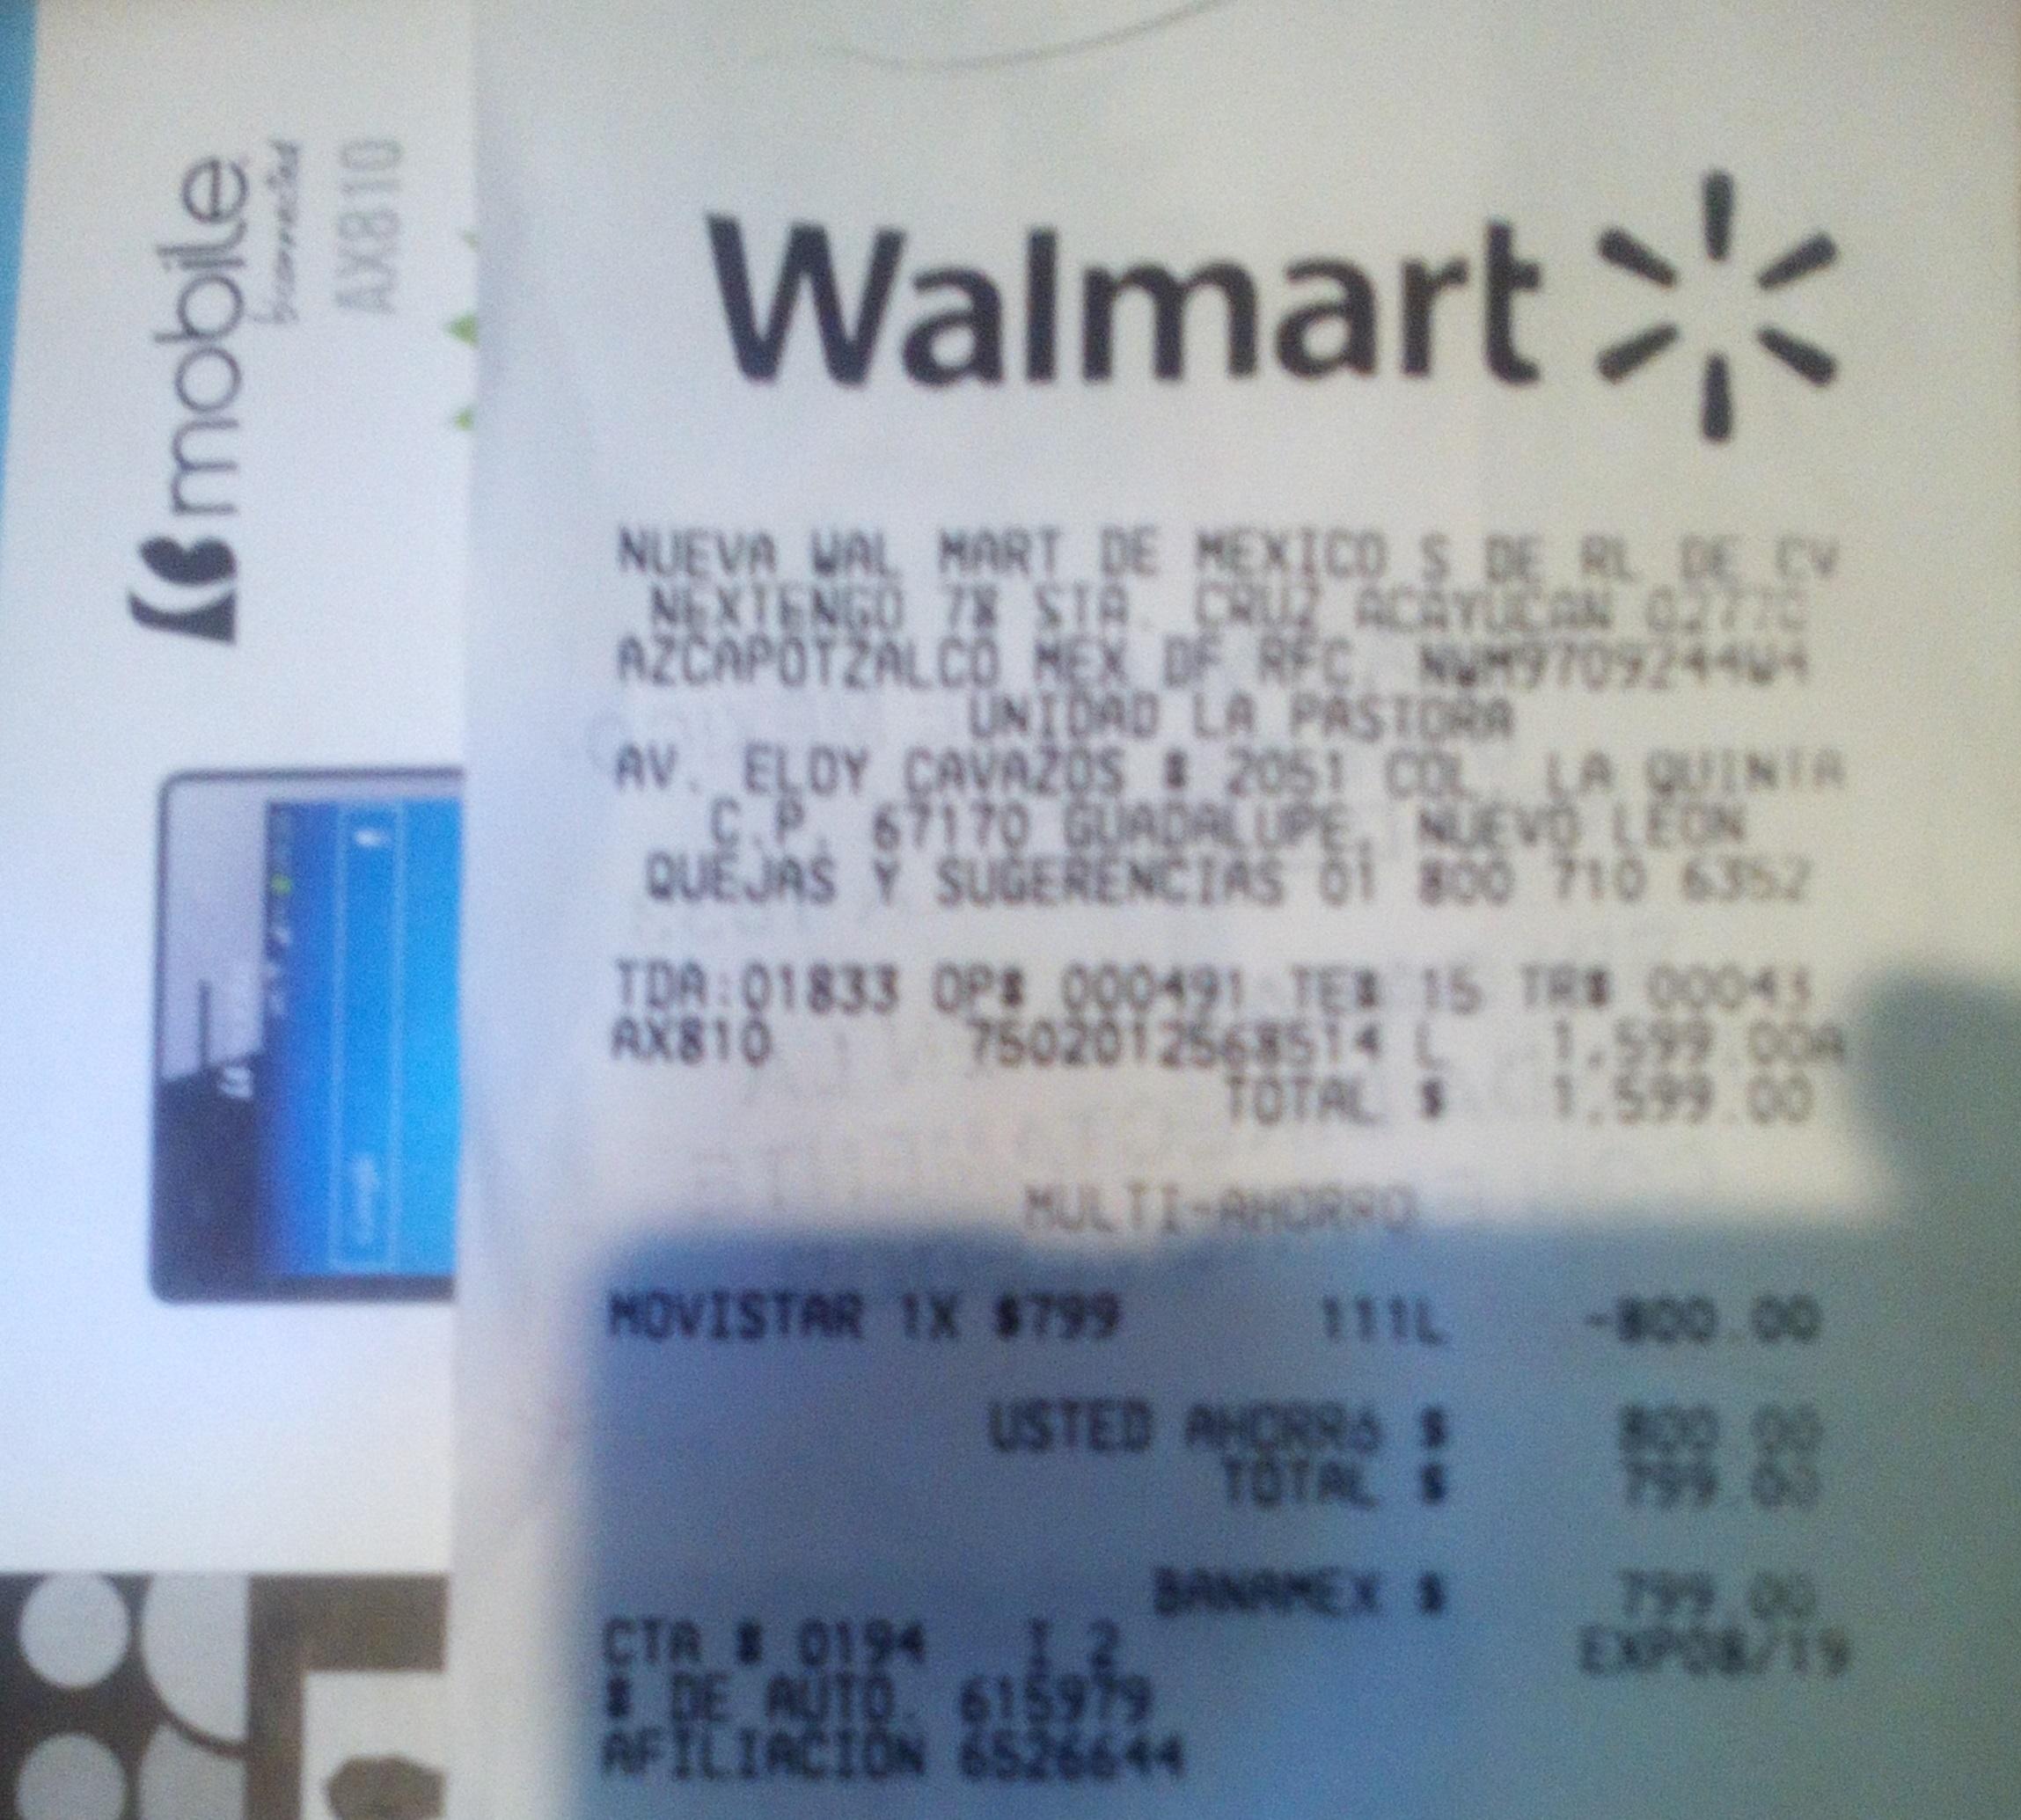 Walmart: Celular Bmobile AX810 Movistar $ 799 pantalla 5